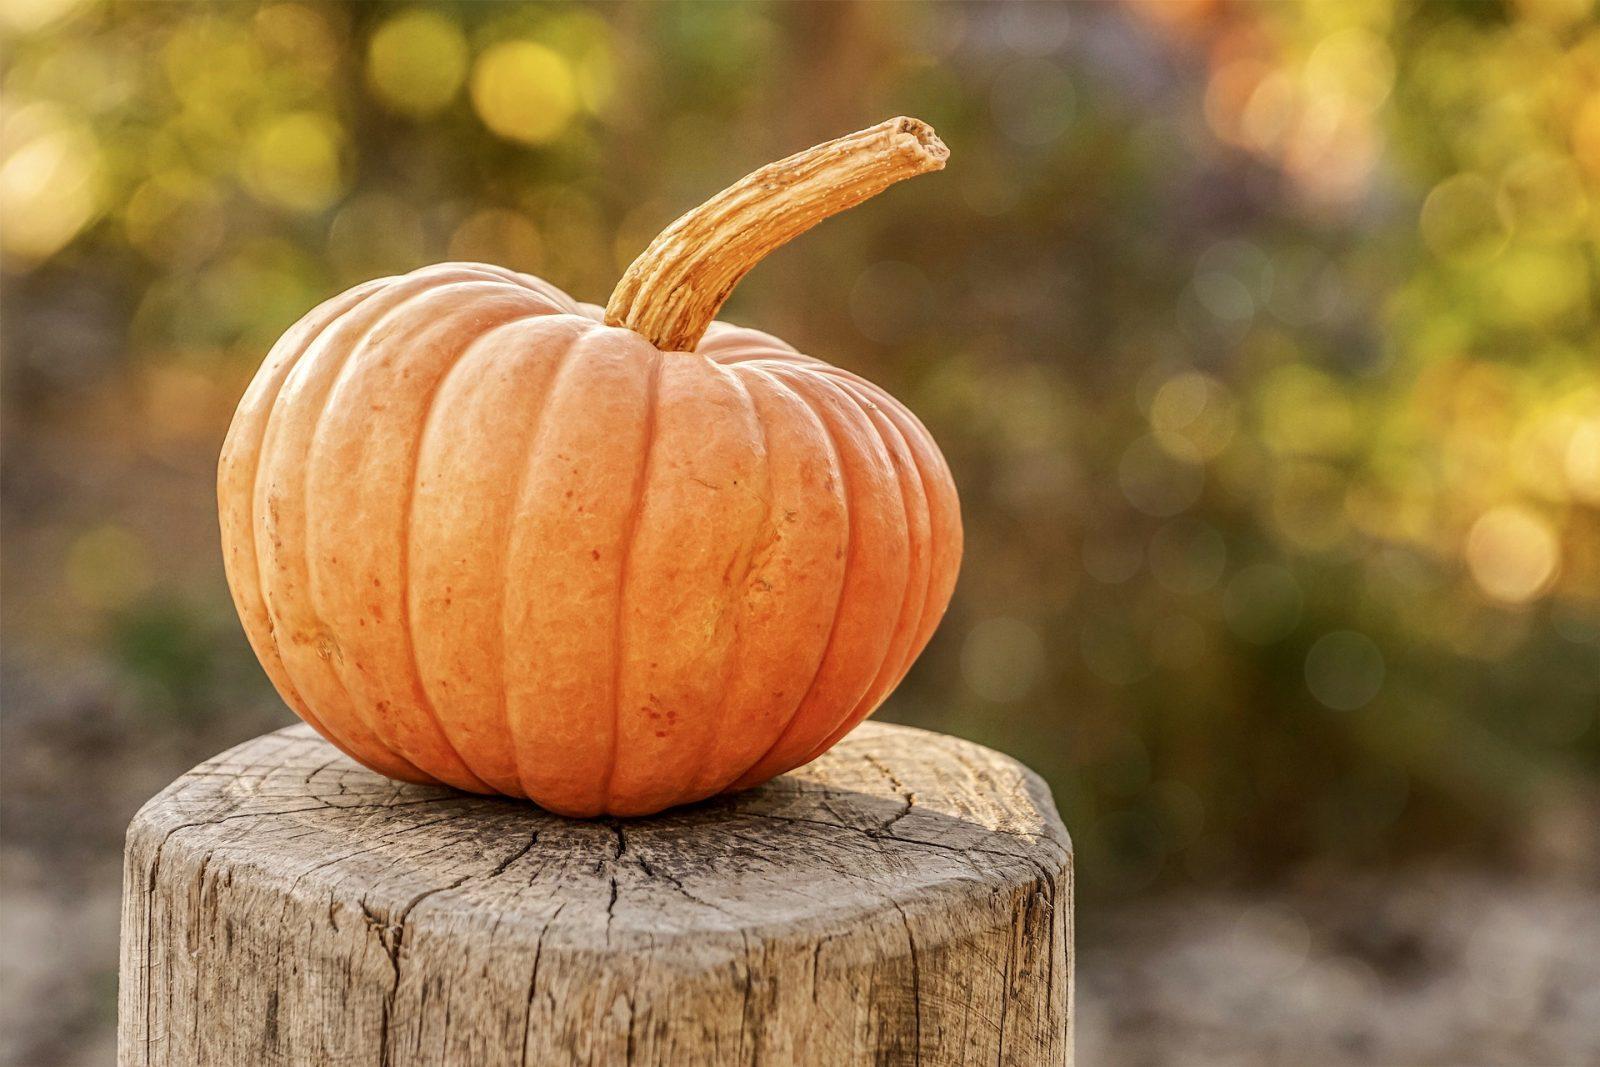 EOHU offers safe Halloween alternatives